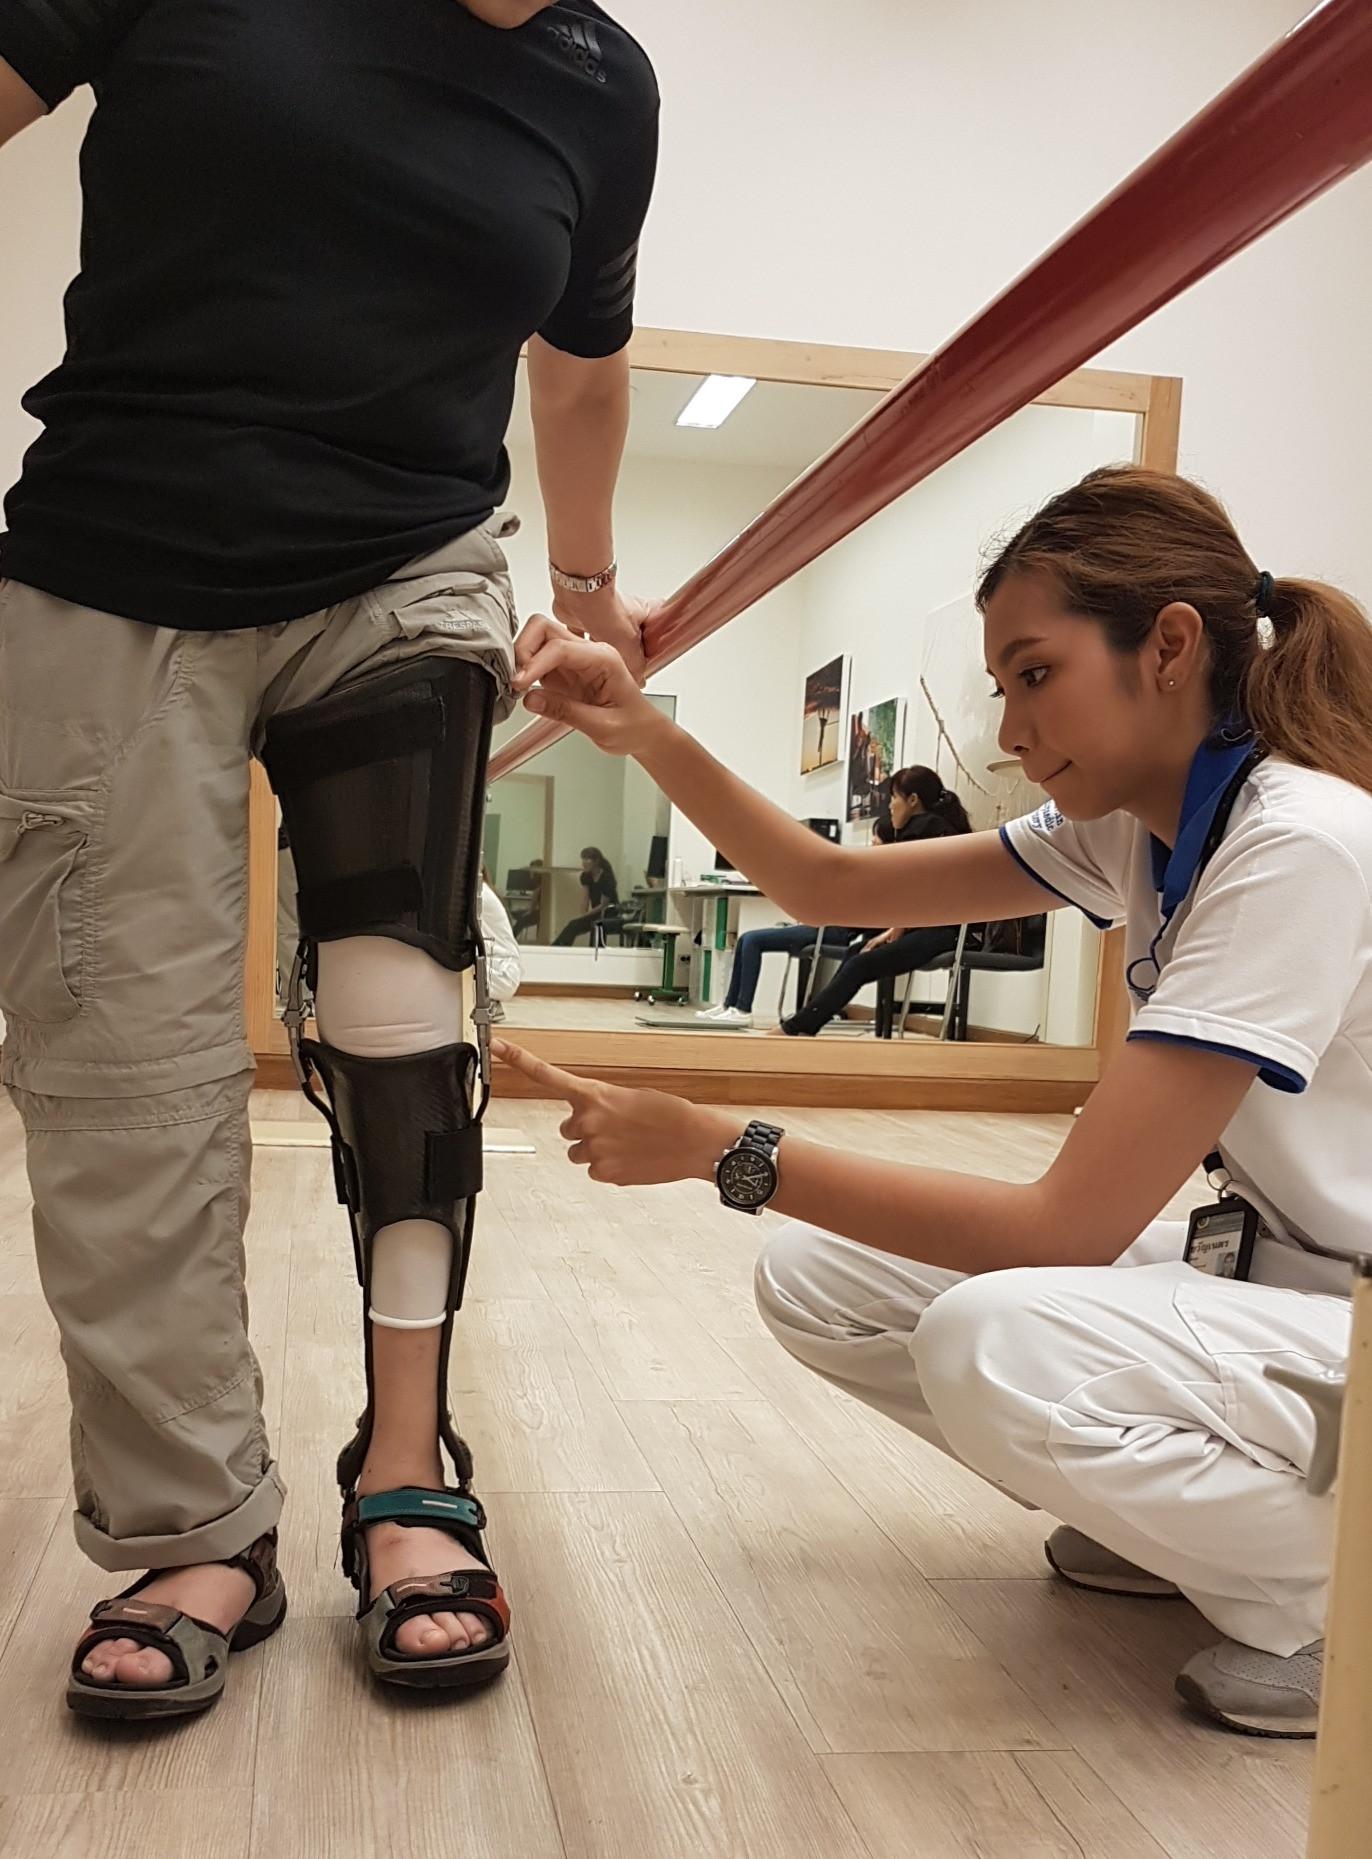 ปรึกษาเกี่ยวกับกายอุปกรณ์เสริม/Orthotics